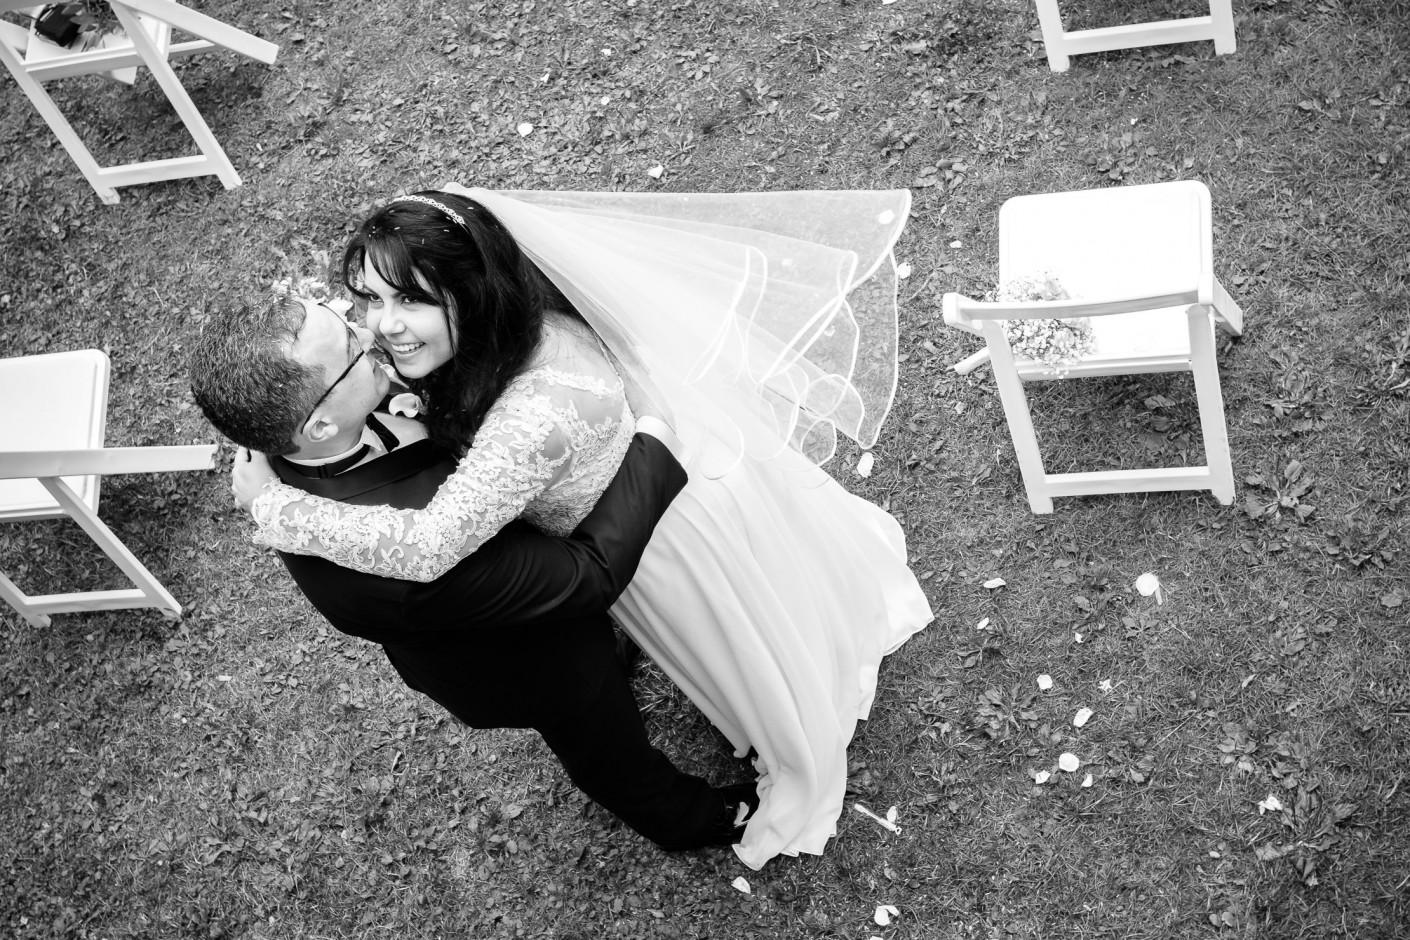 Mariage : Pour la galerie -Ceremonie, KW: 3-Cérémonie,